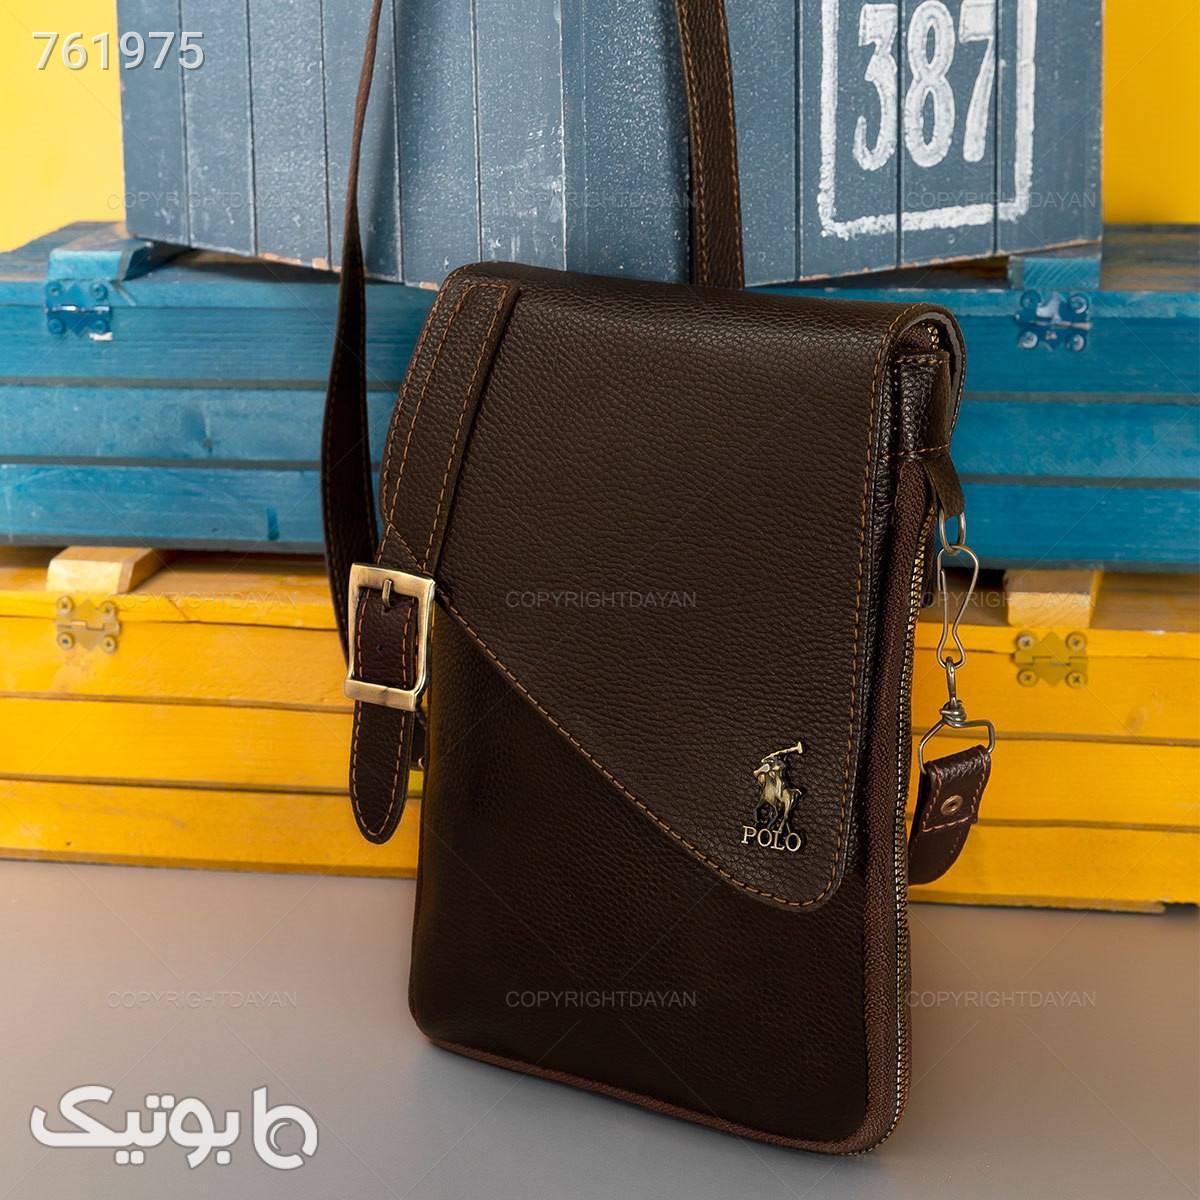 حراج کیف چرمی پولو  قهوه ای كيف مردانه